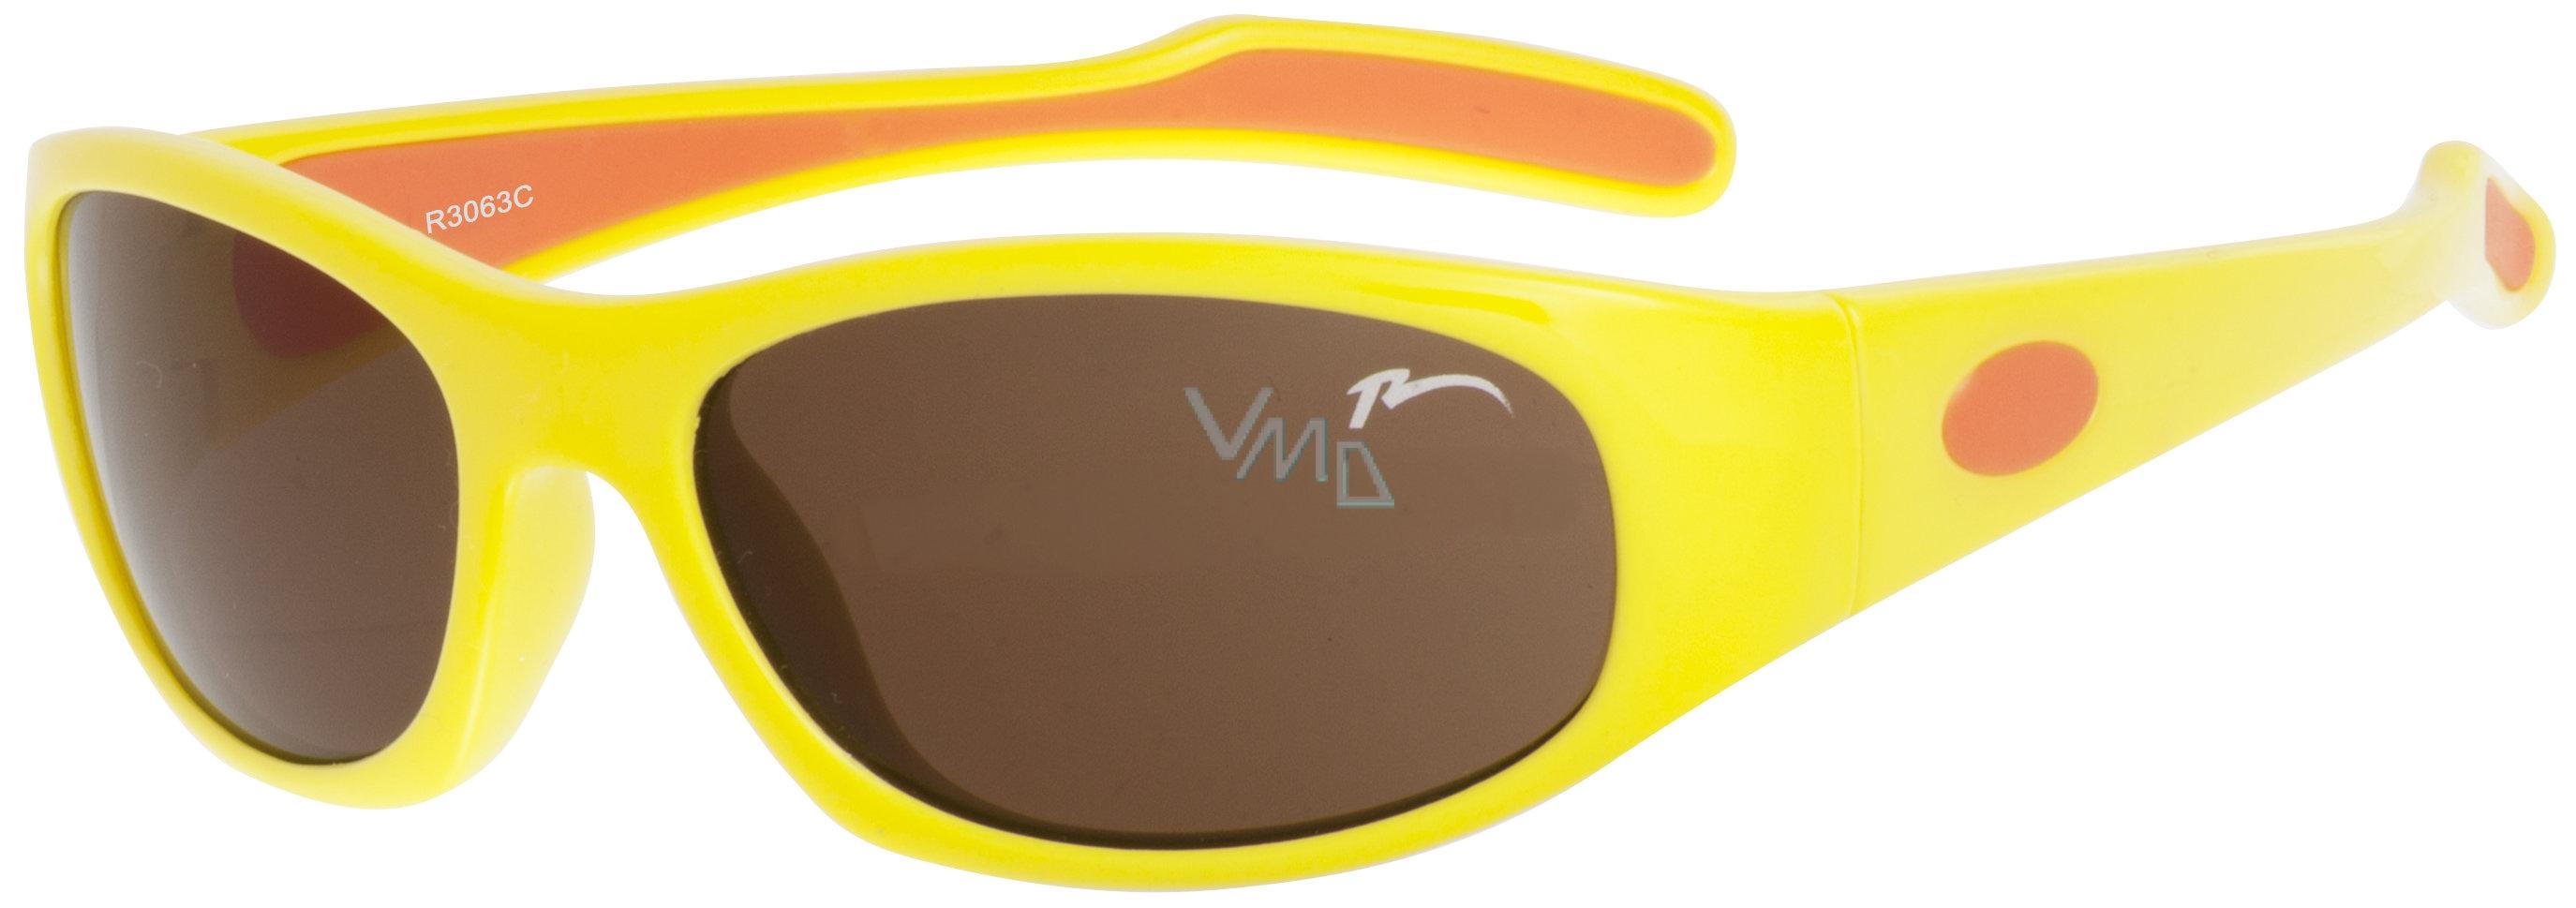 Relax Luchu Sluneční brýle pro děti - junior 9 - 12 let R3063C